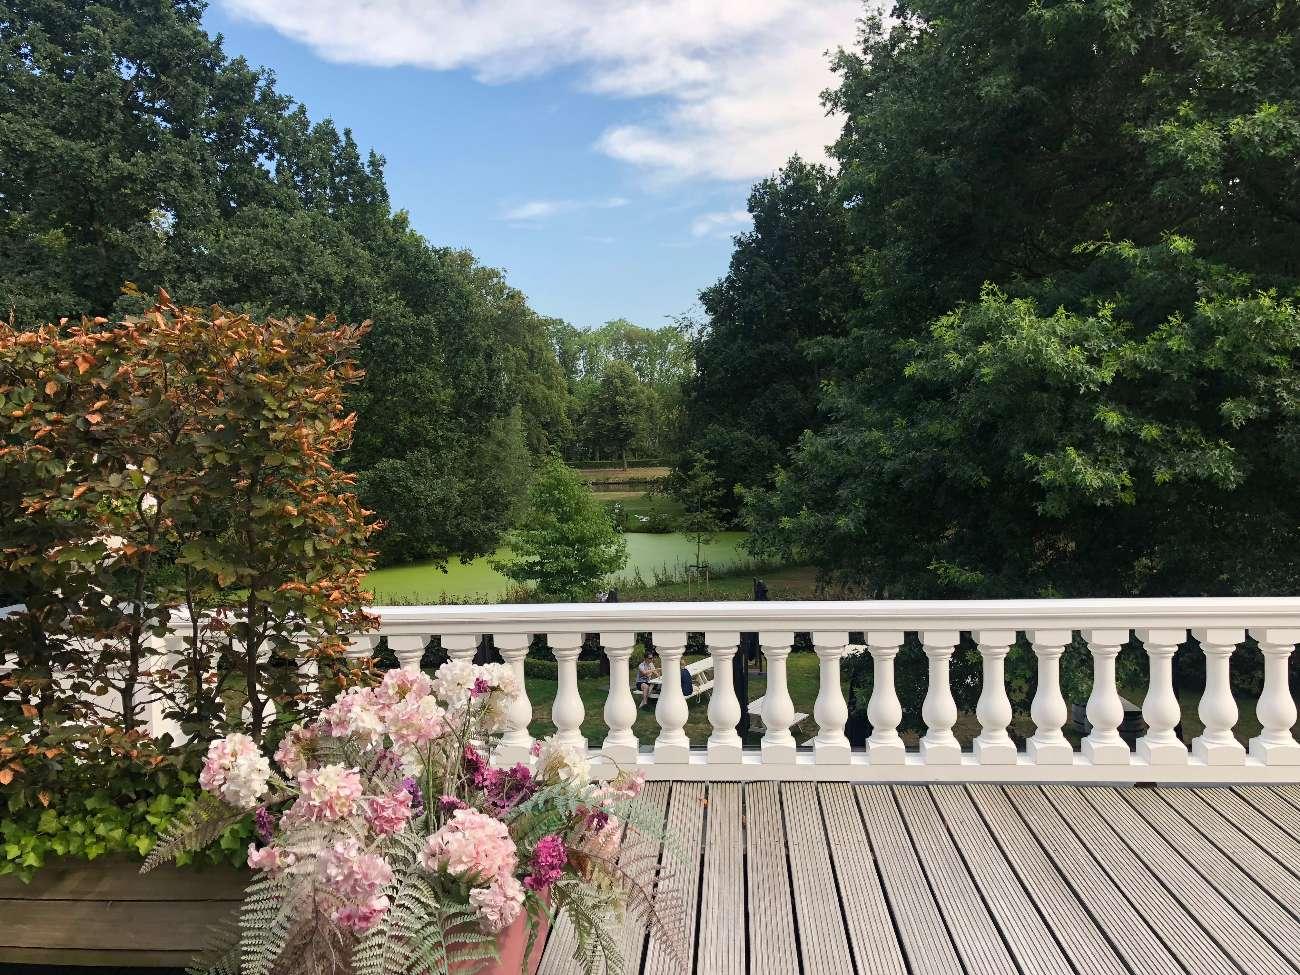 Der Central Park in Voorburg mit Horstensien auf der Terrasse